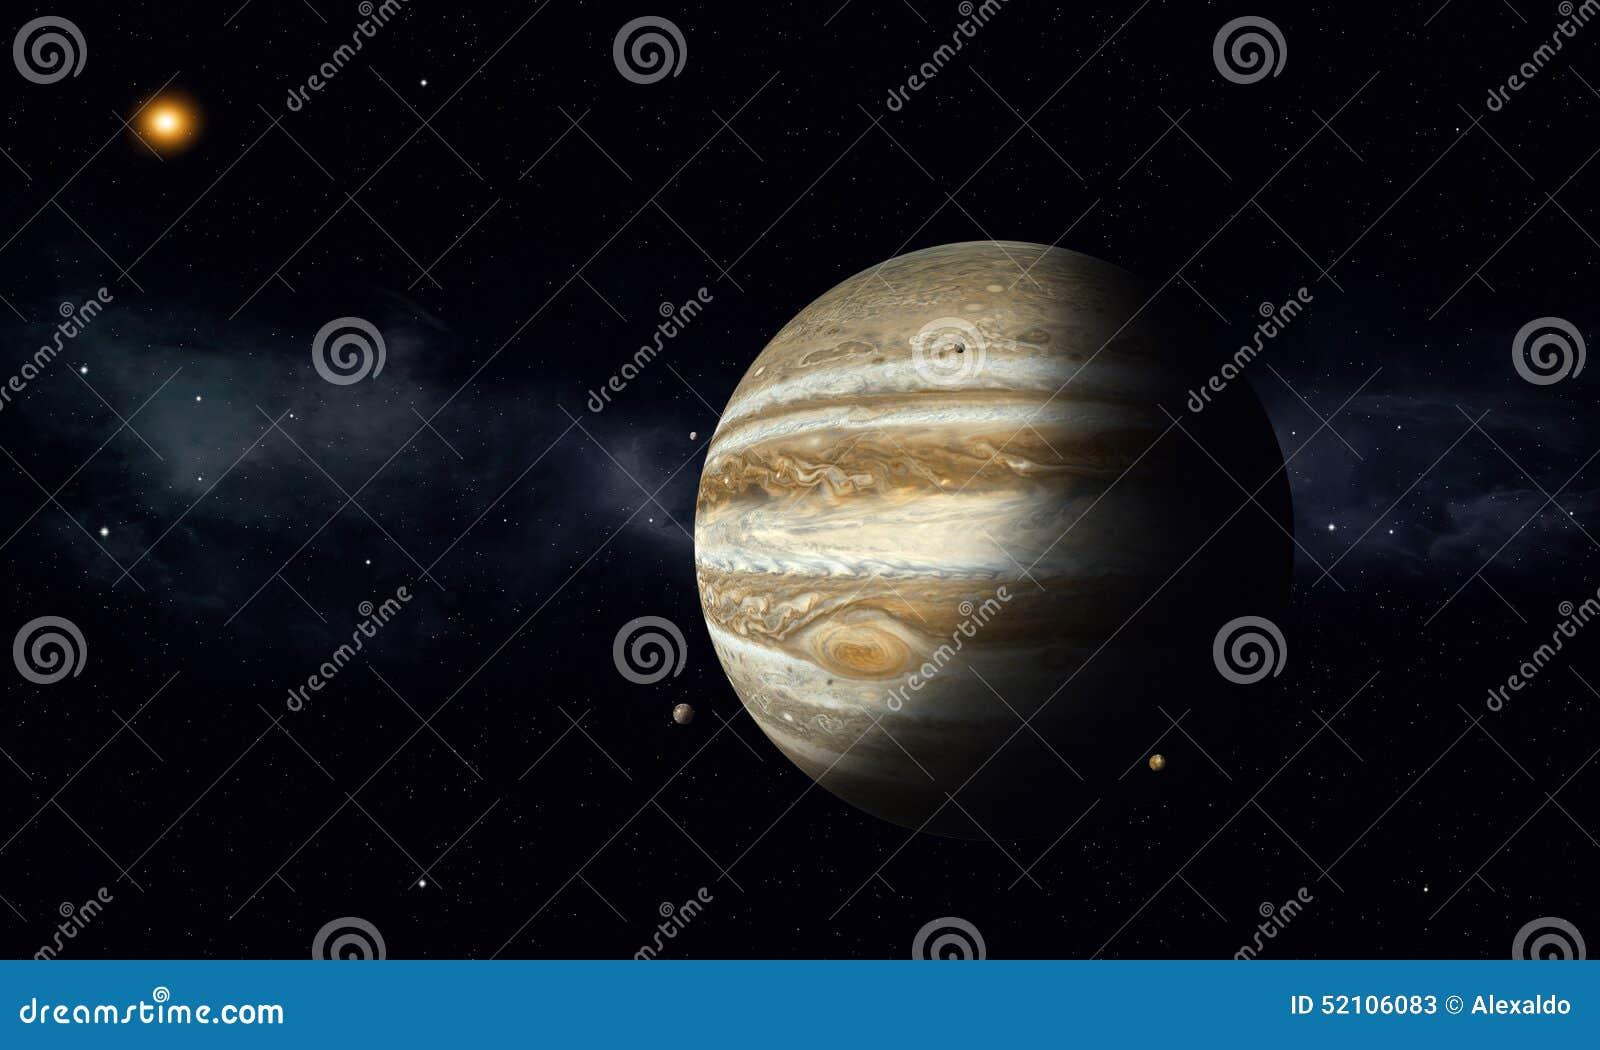 gas giants moons - photo #42